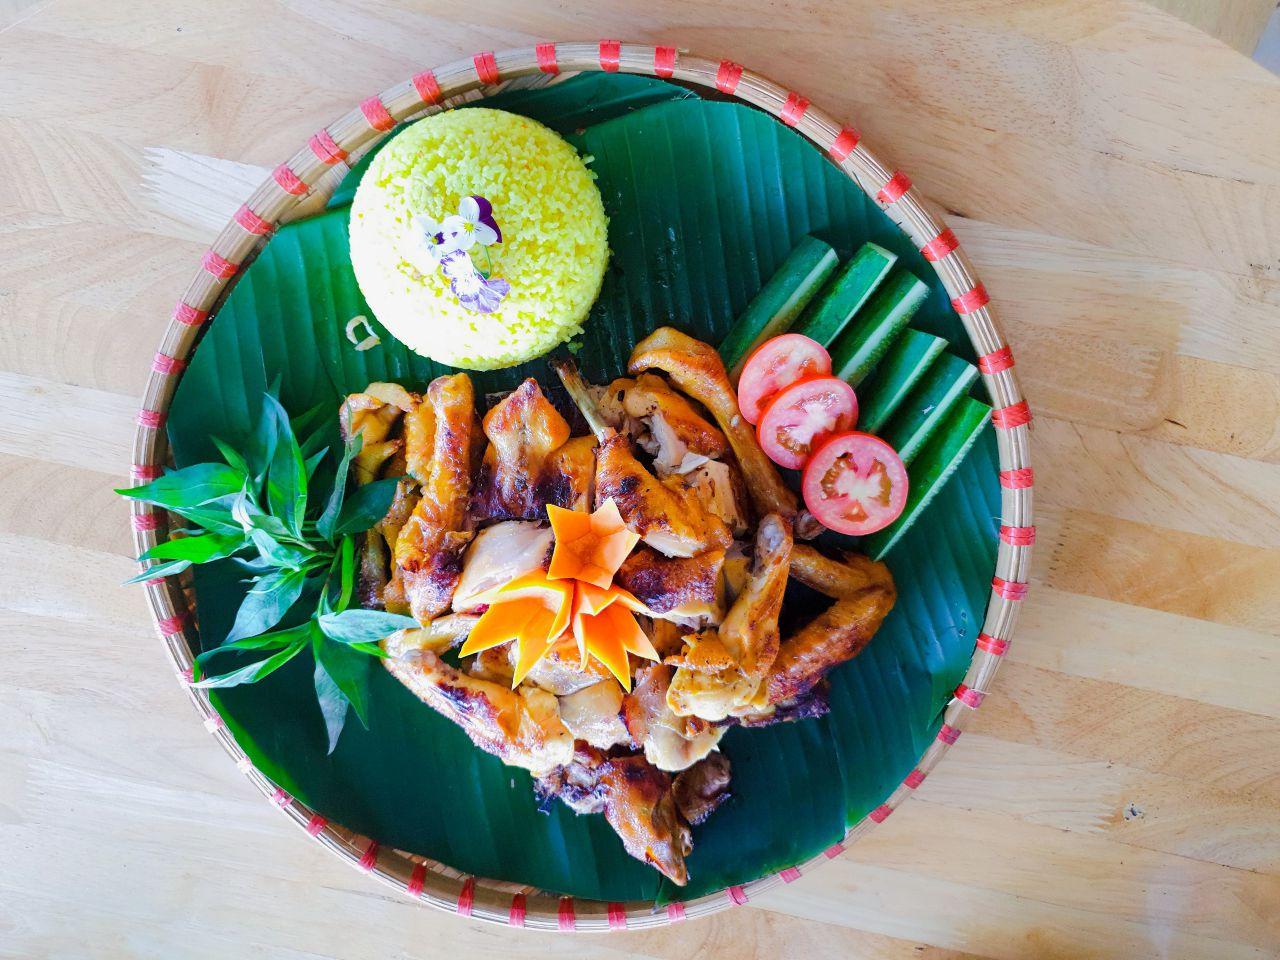 Gà nướng mật ong Đà Lạt ngon tuyệt và ăn kèm cơm gà hấp dẫn